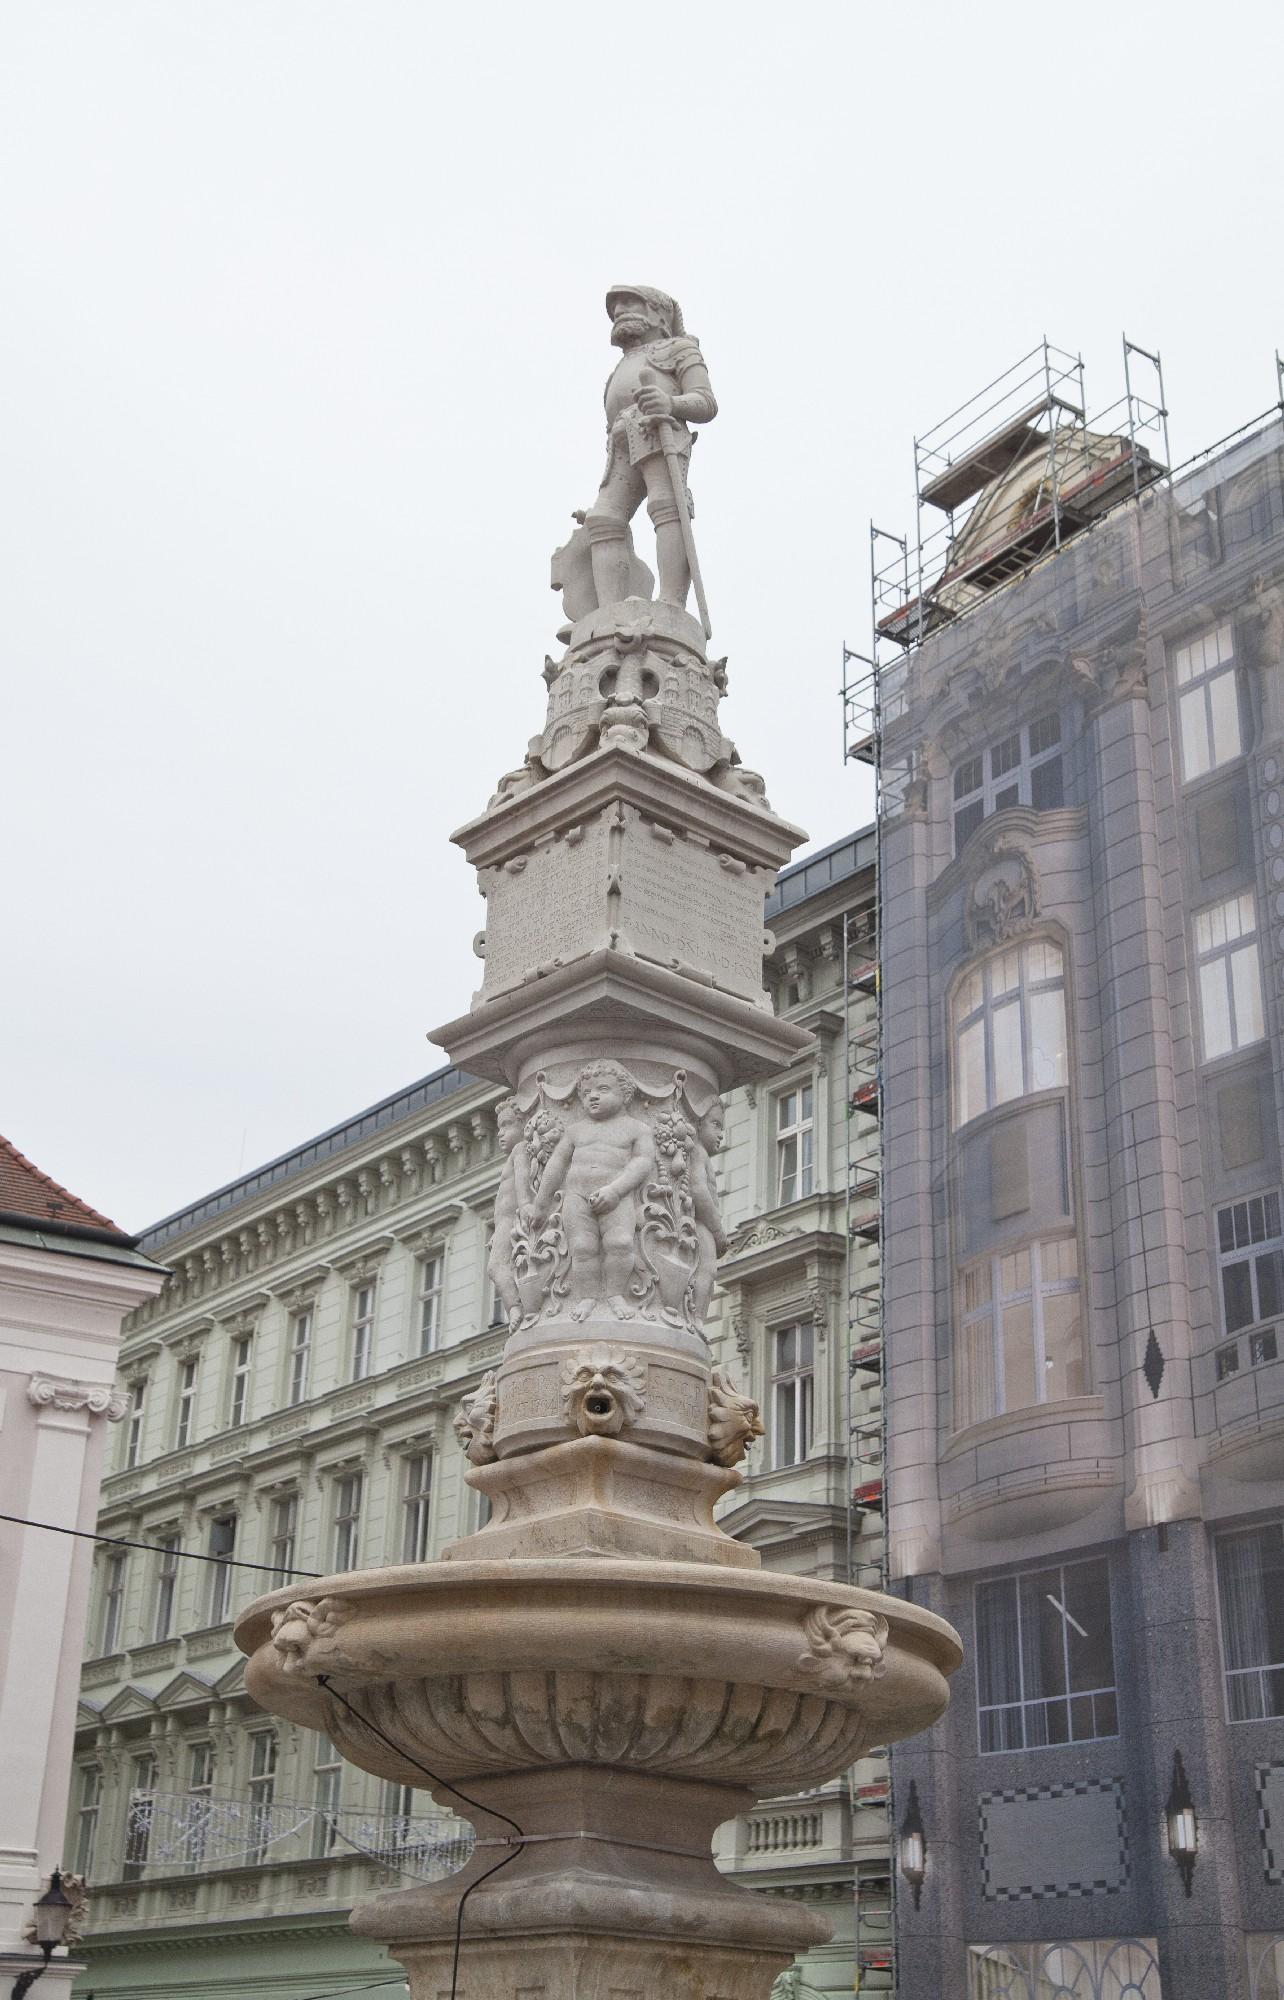 Mapei-referencia-rolandova-fontana (1)